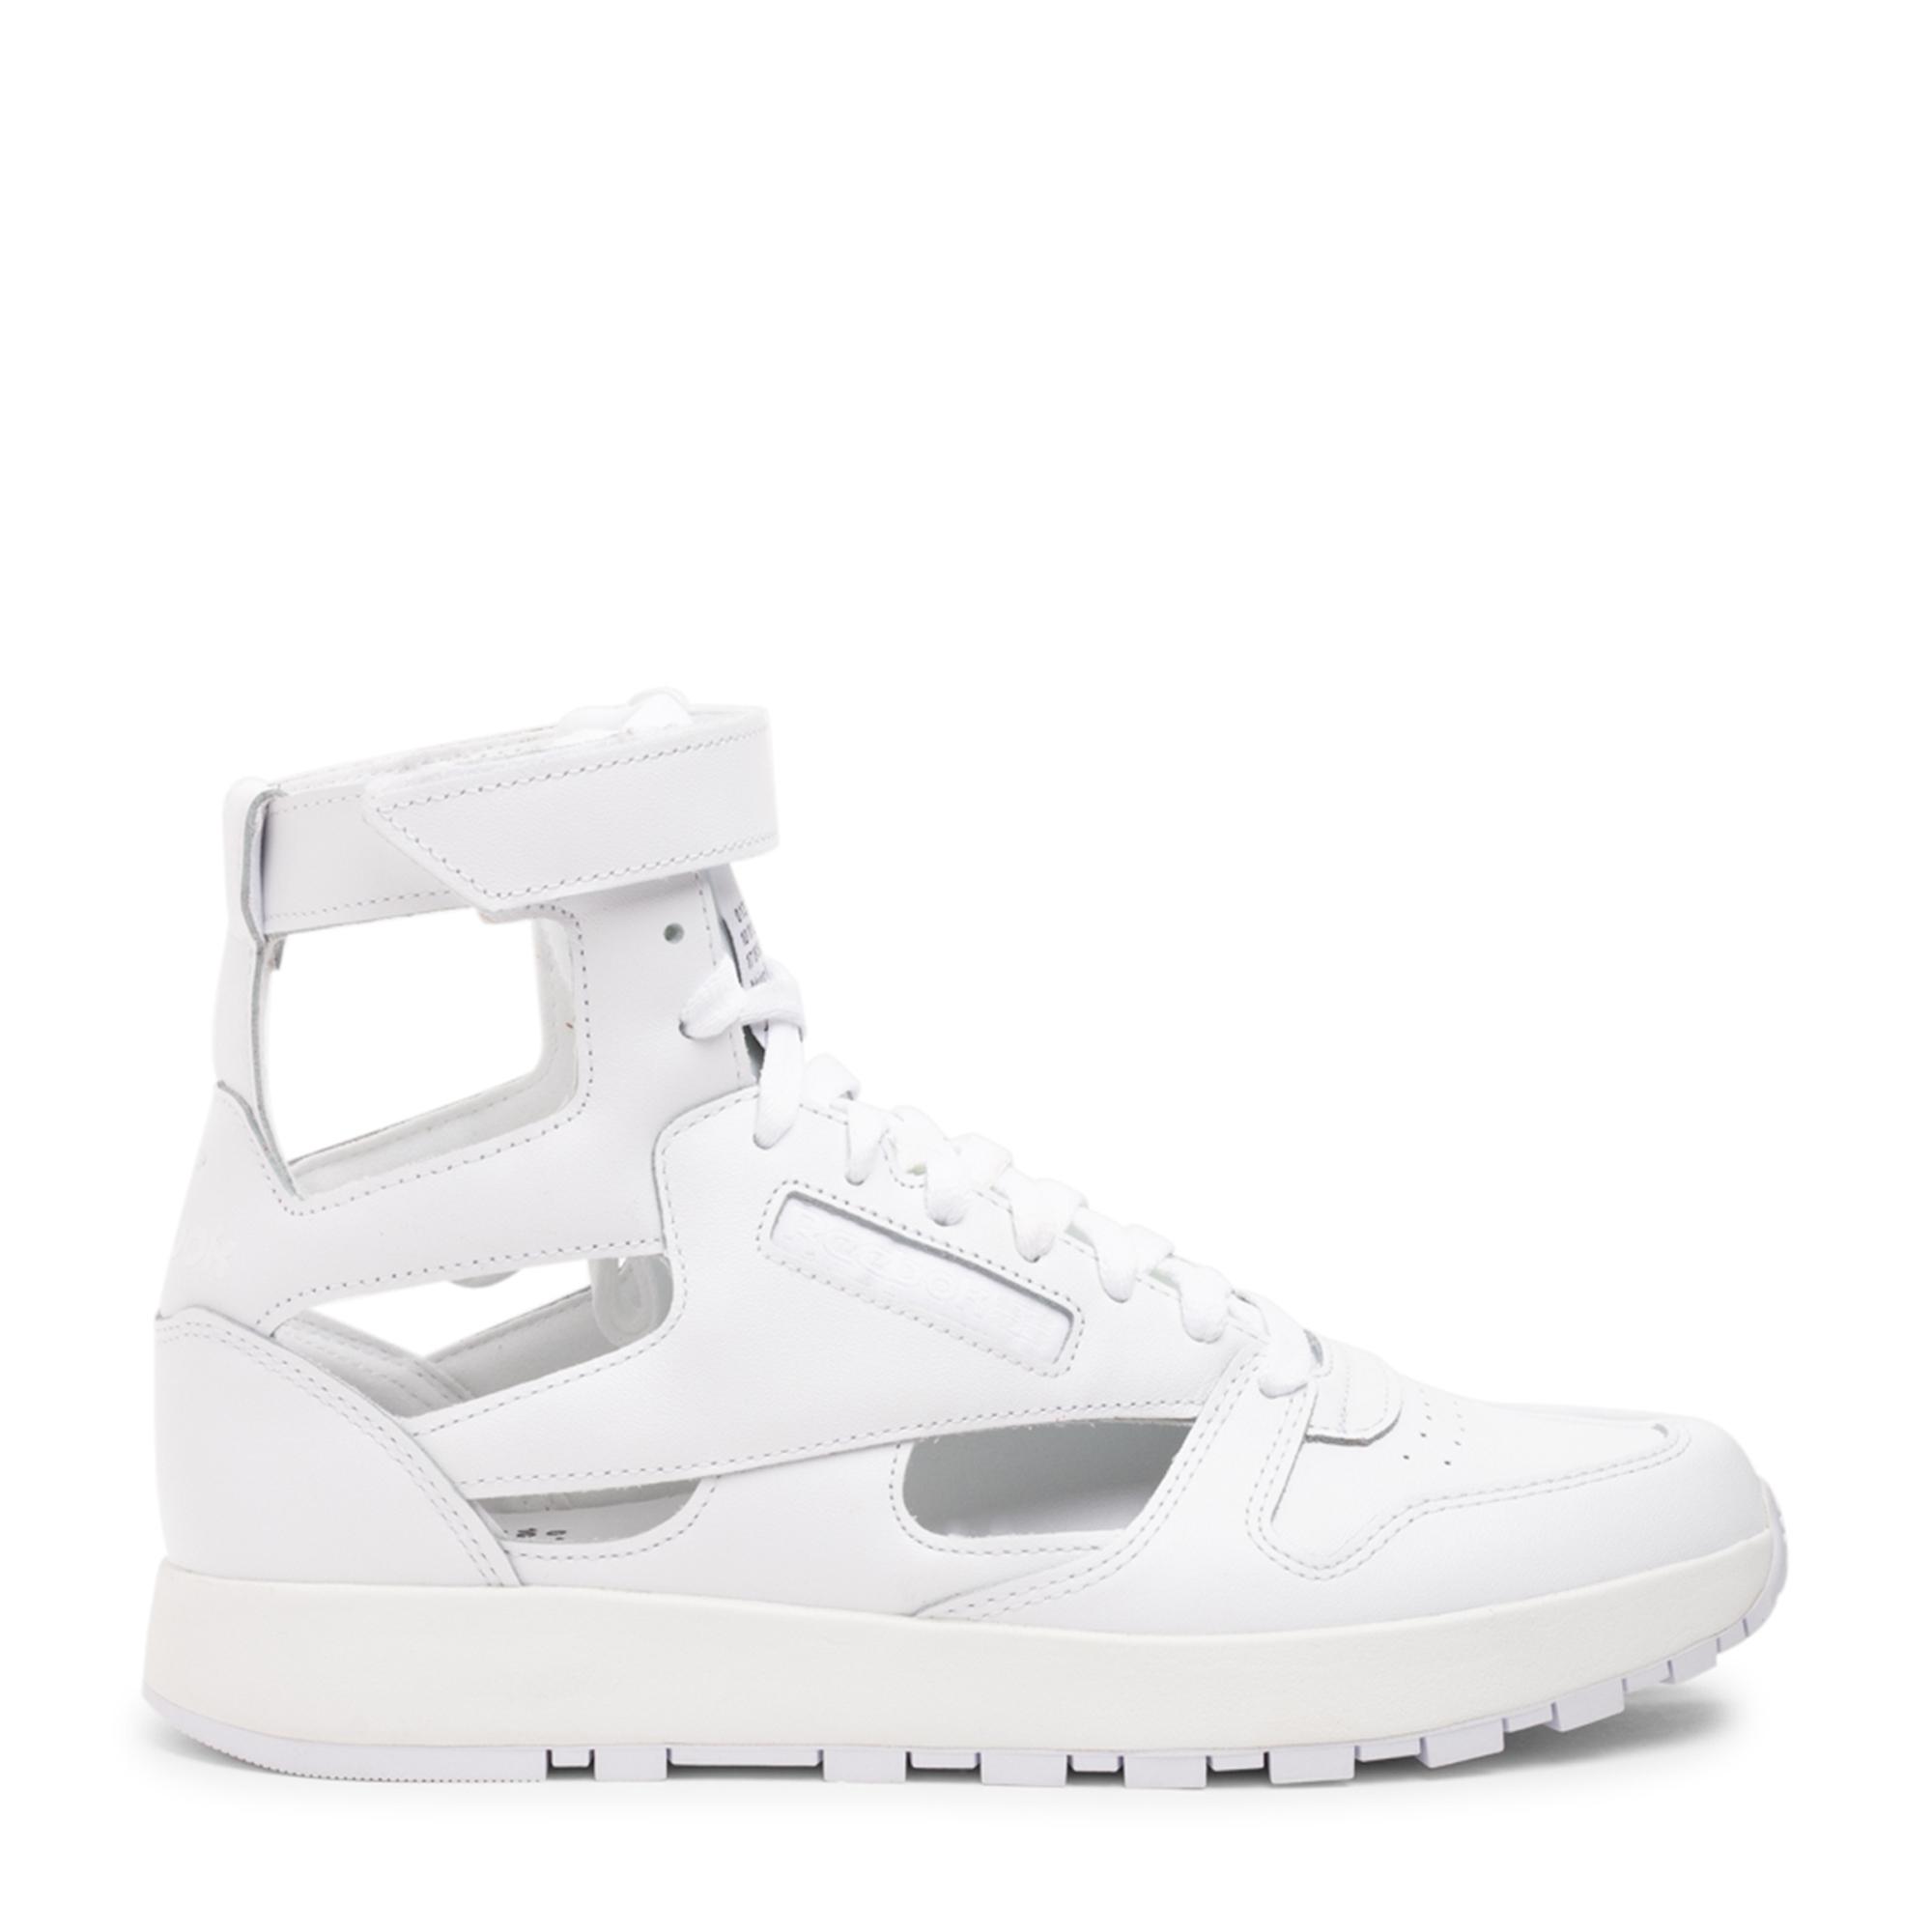 حذاء × ريبوك تابي الرياضي بطراز غلادياتور